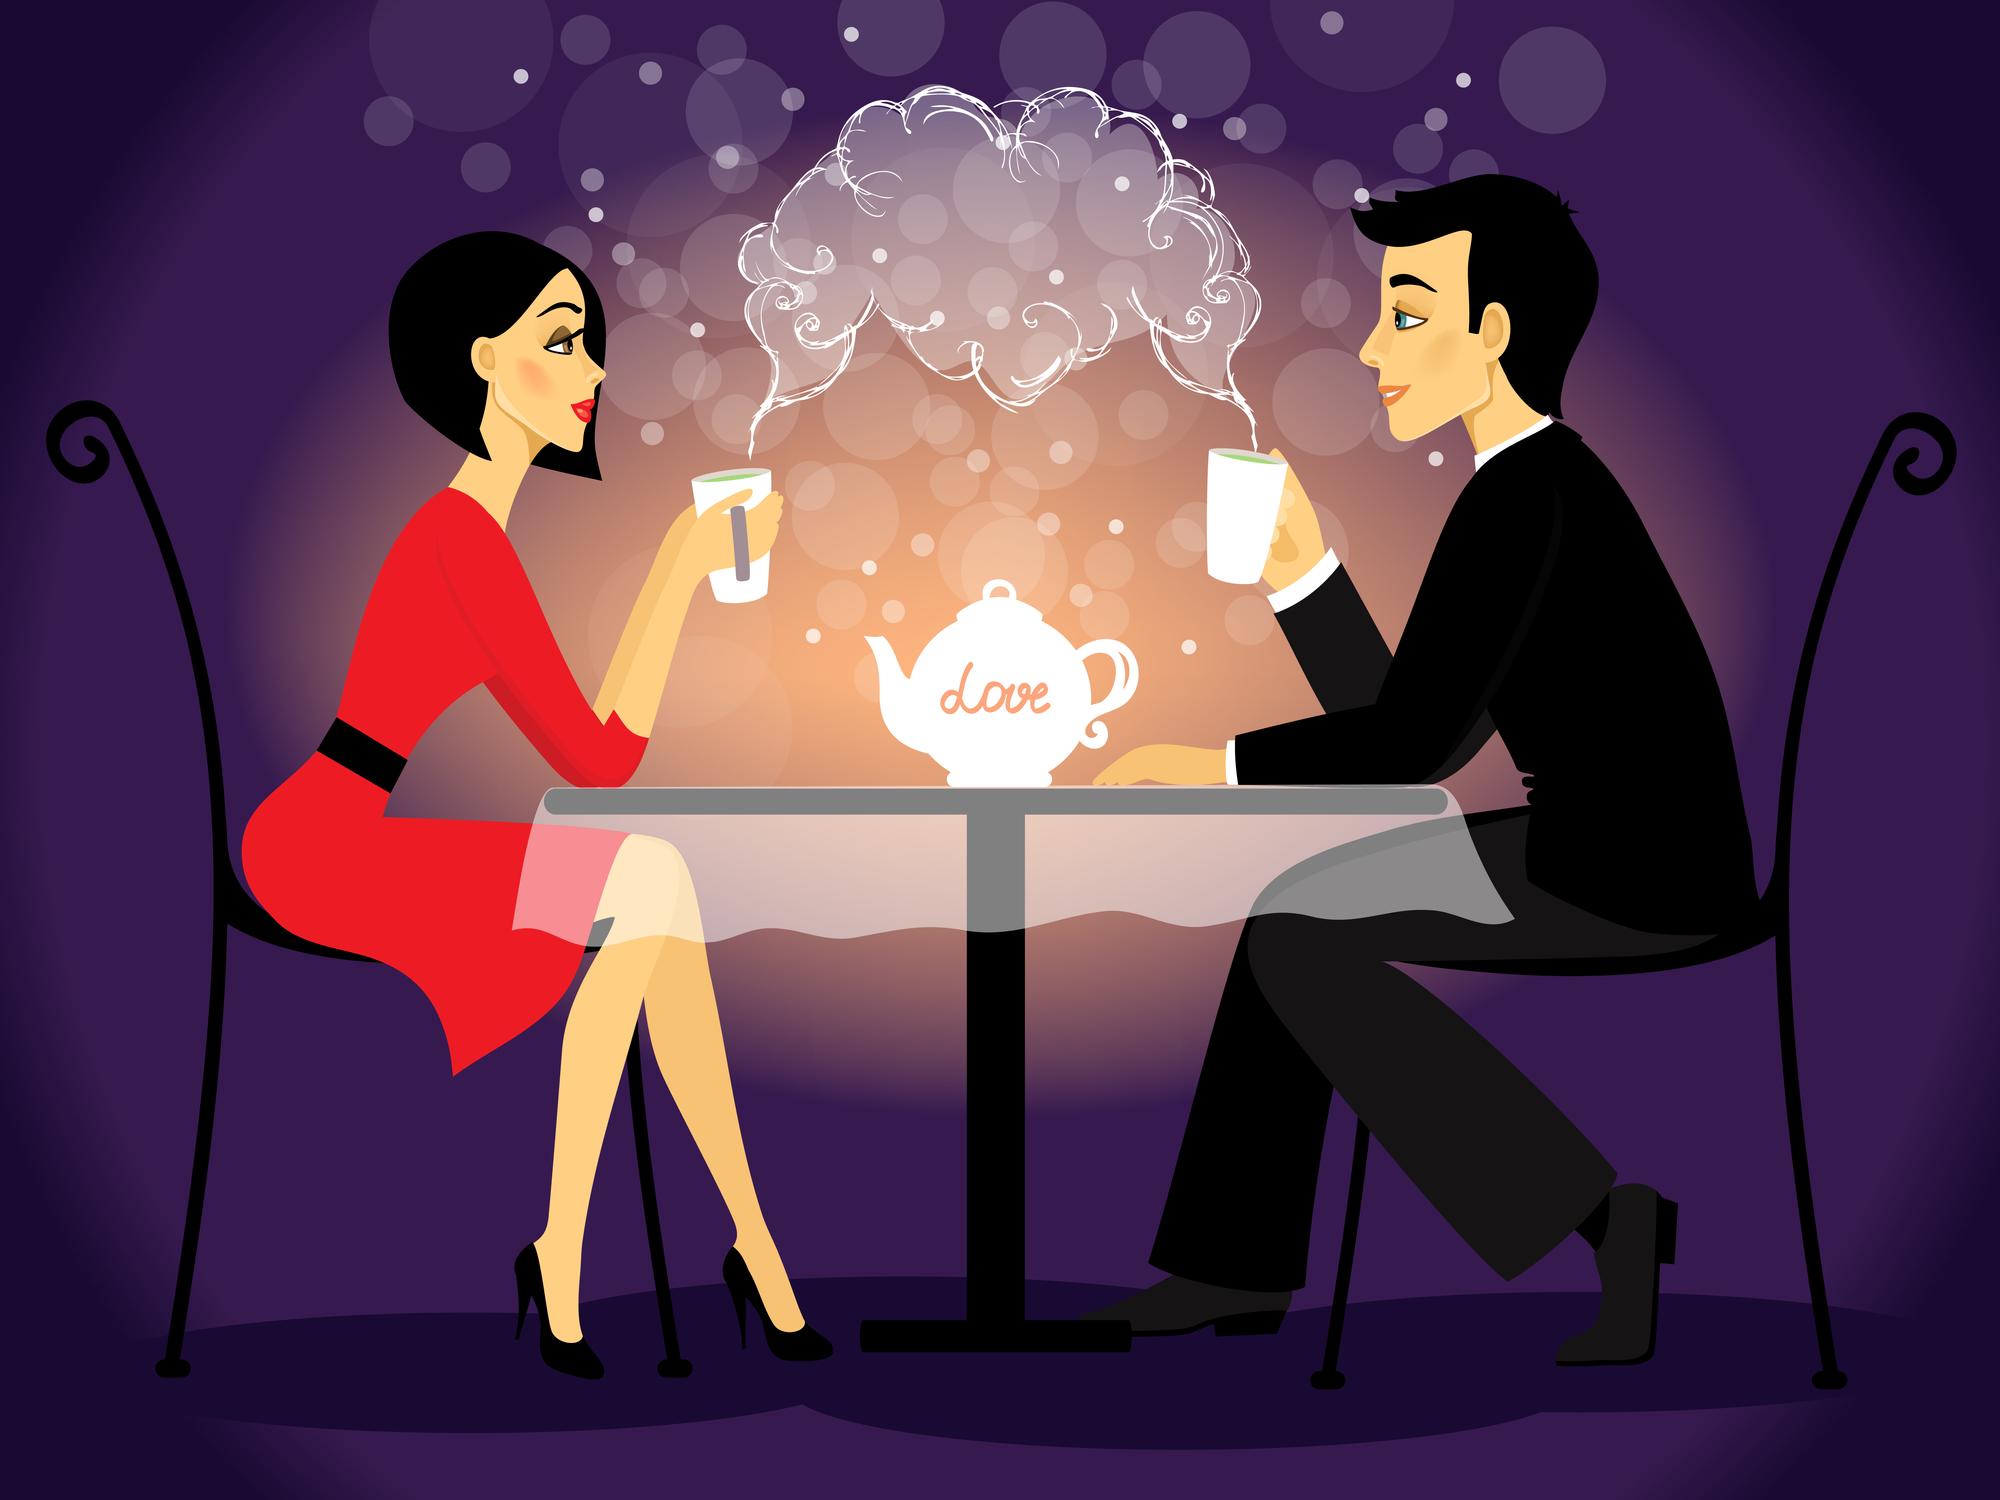 Dating_body_language_Kelly_Chisholm.jpg